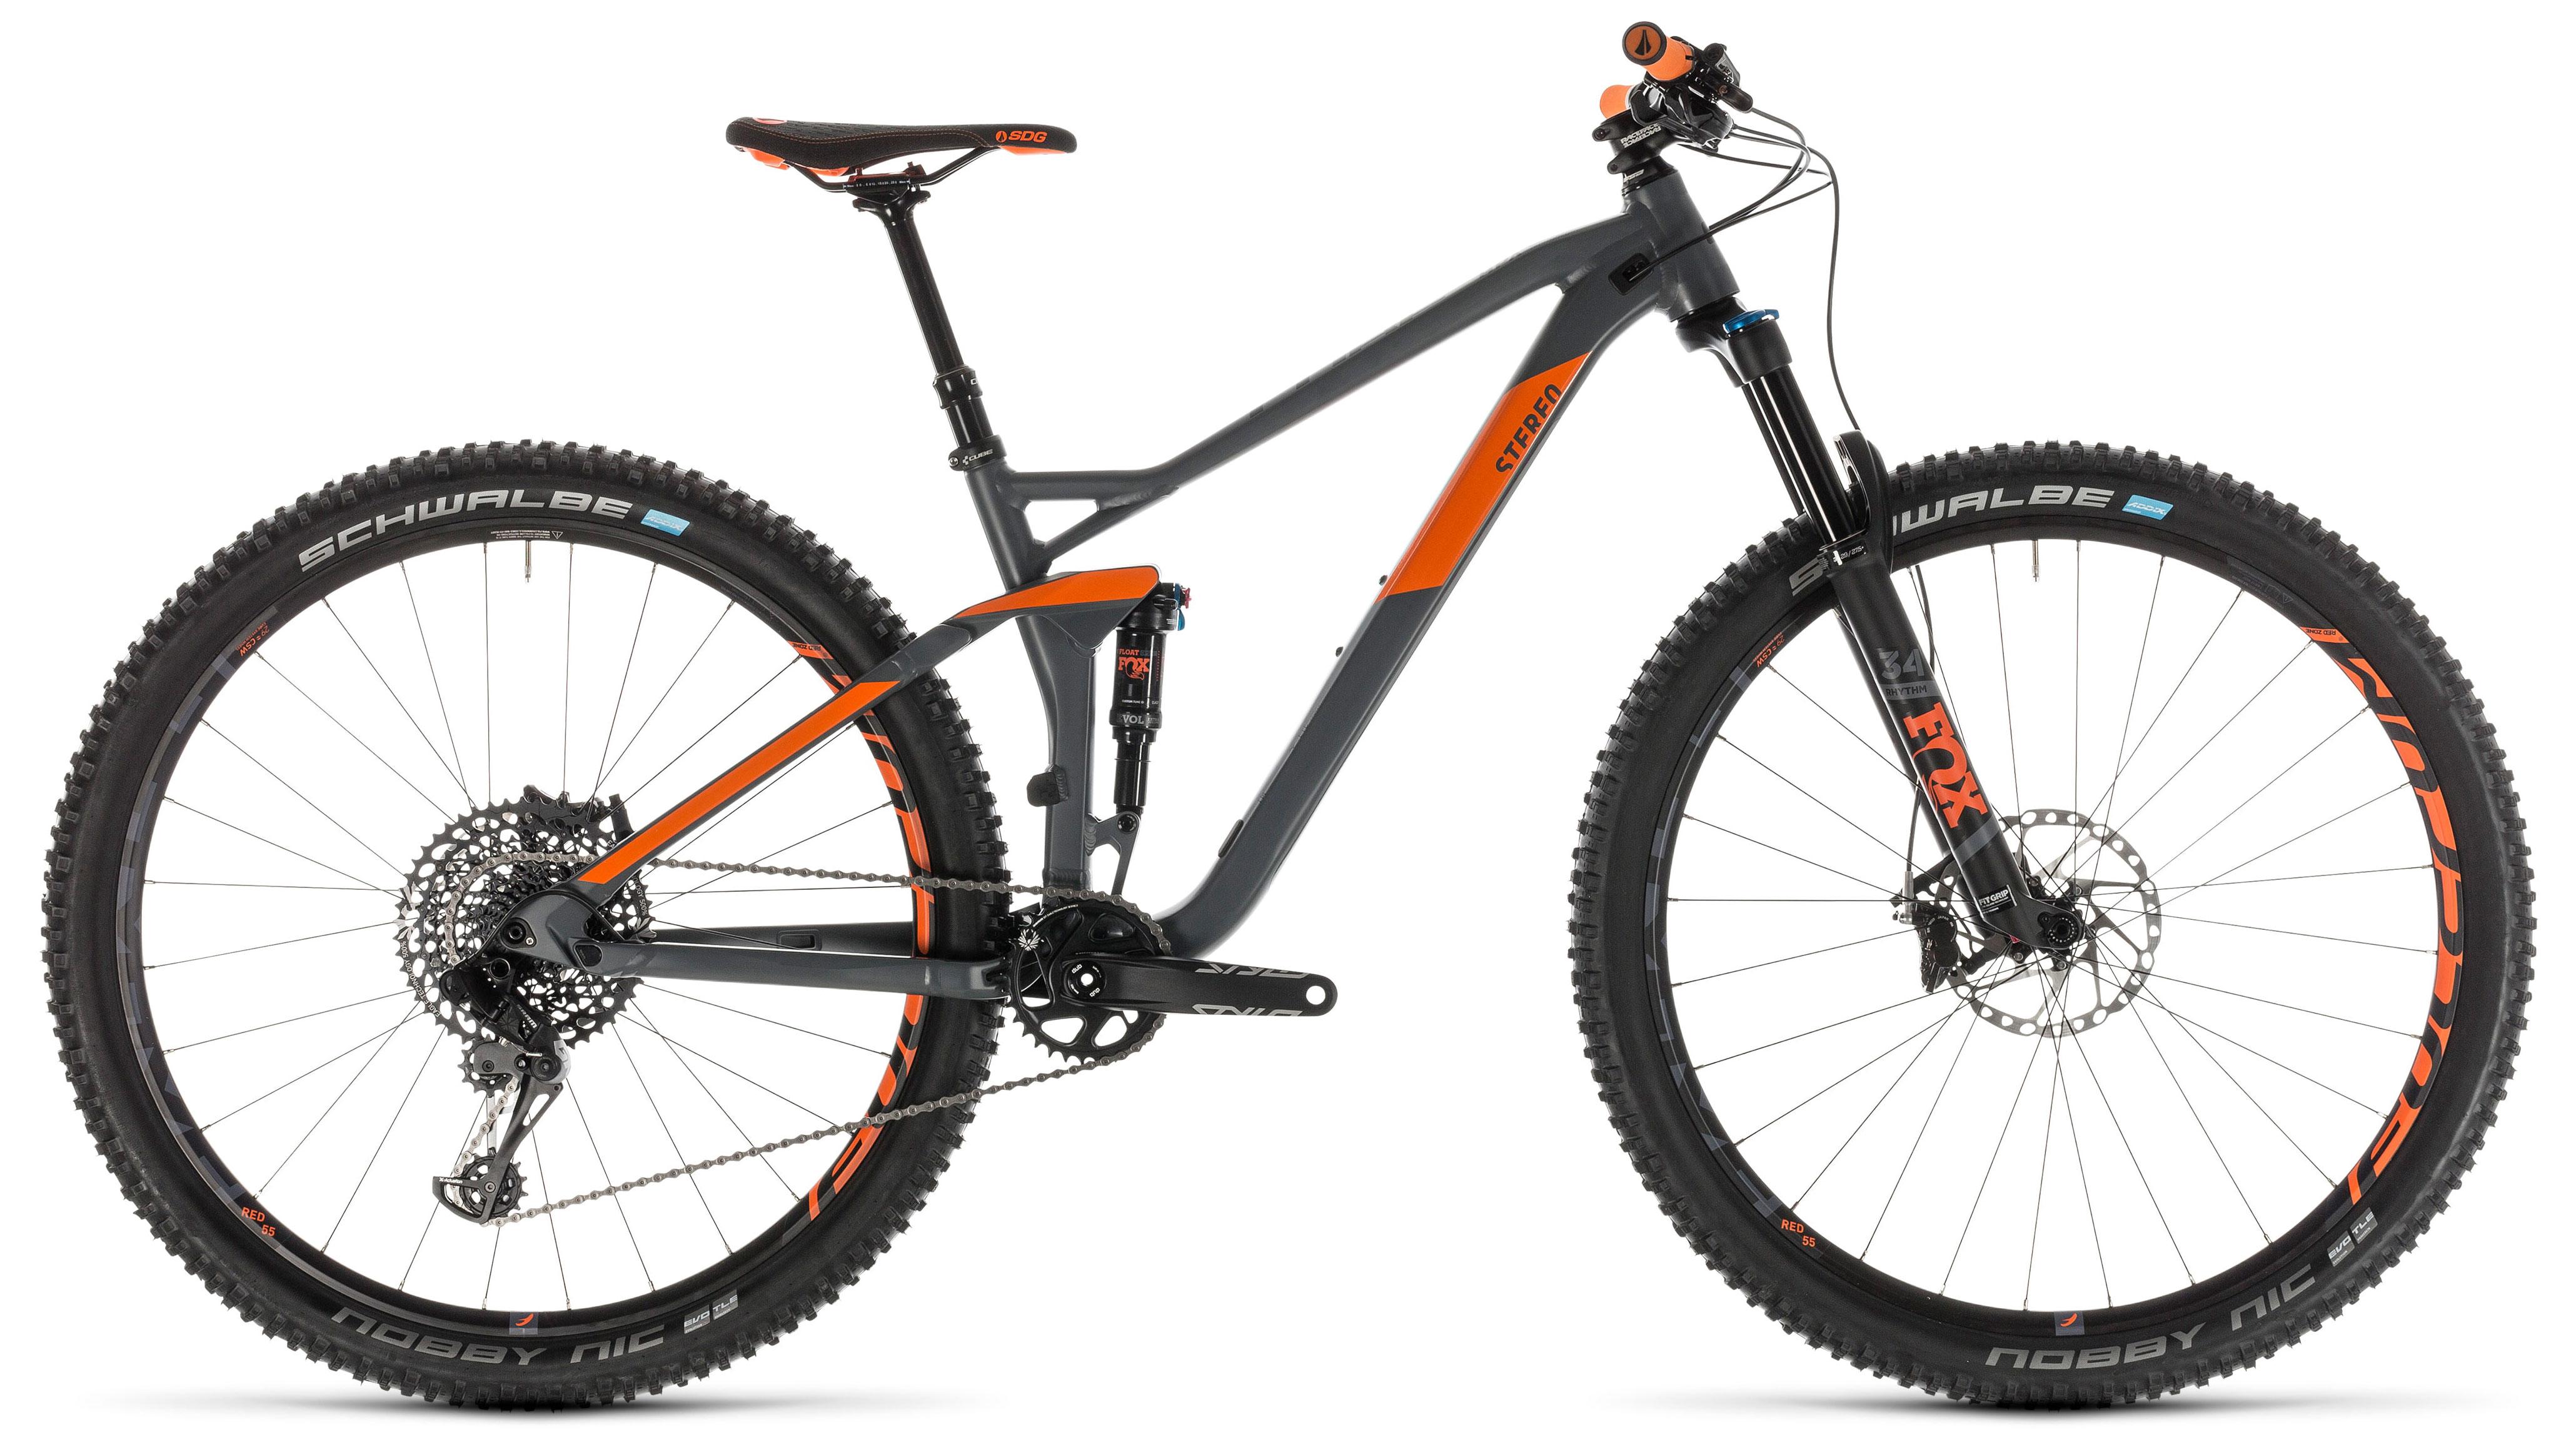 Велосипед Cube Stereo 120 TM 29 2019 велосипед cube cross exc lady 2018